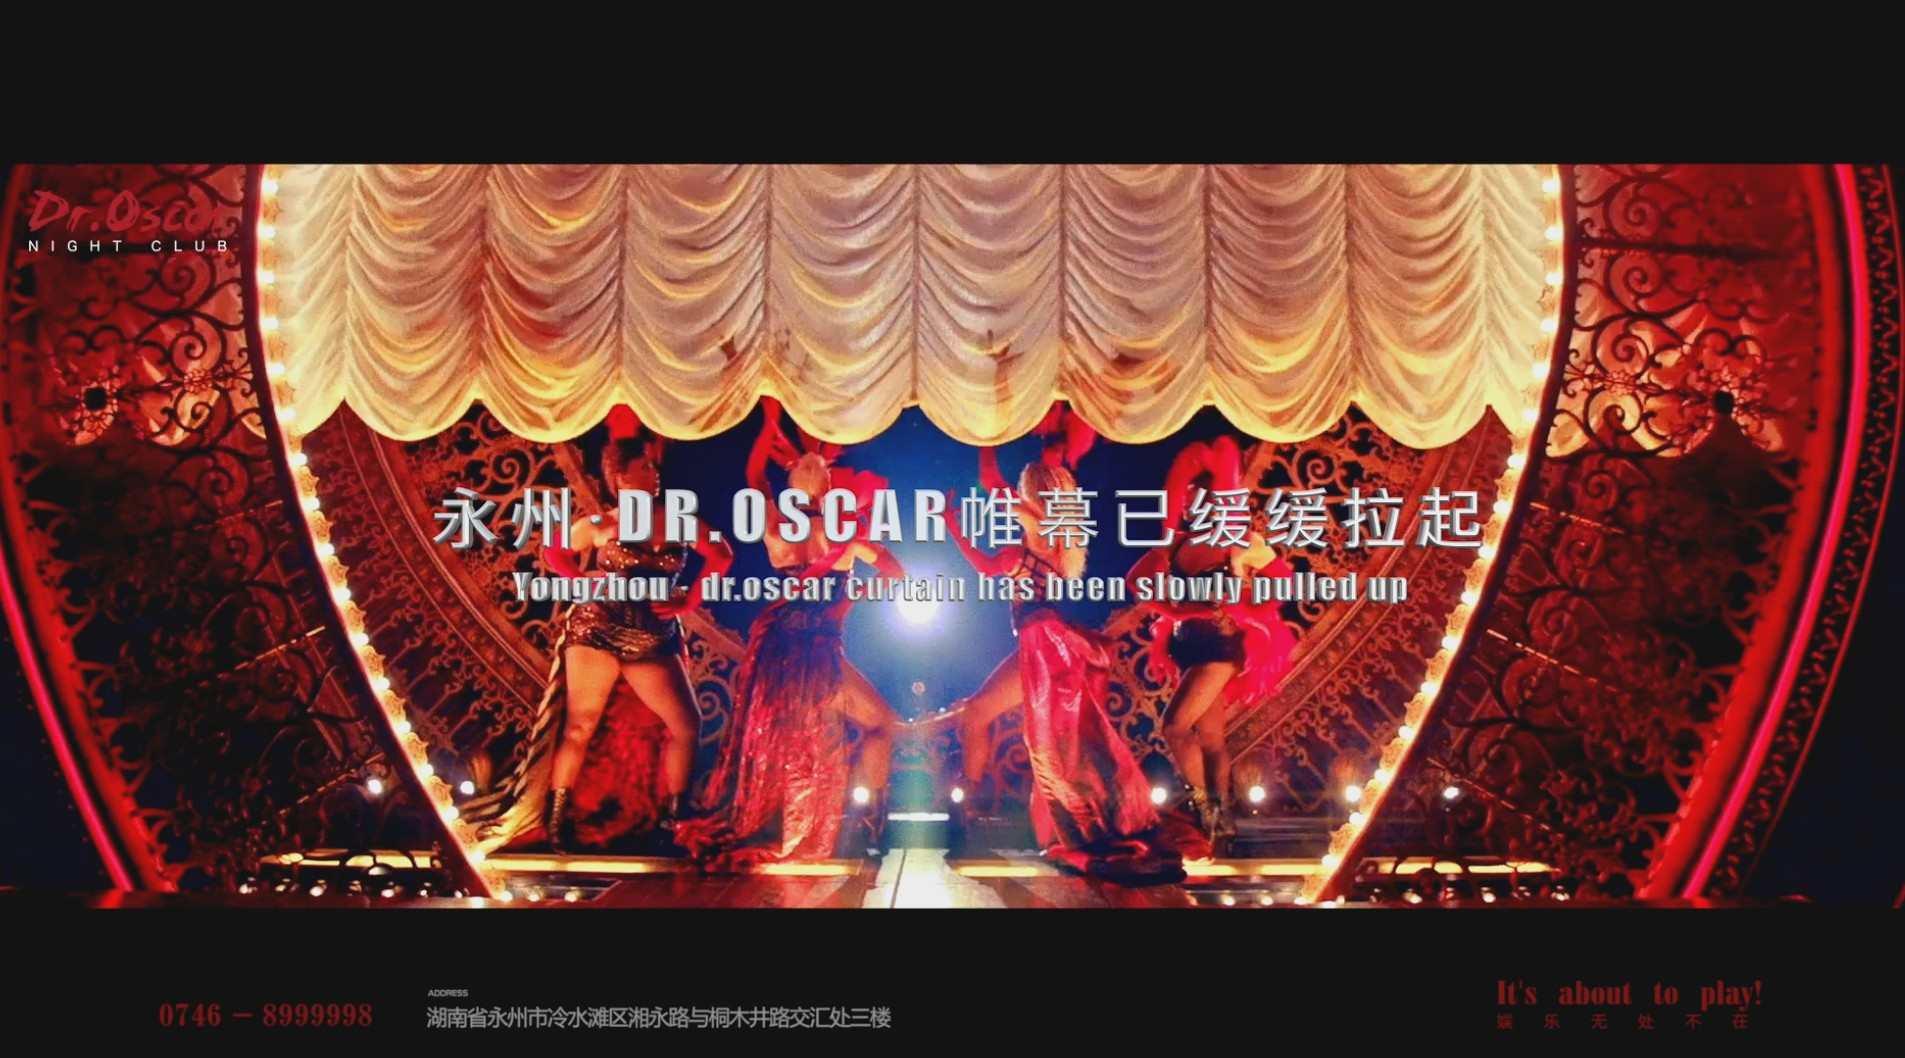 Dr.Oscar  奥斯卡酒吧永州店 #  玩乐大师即将开启